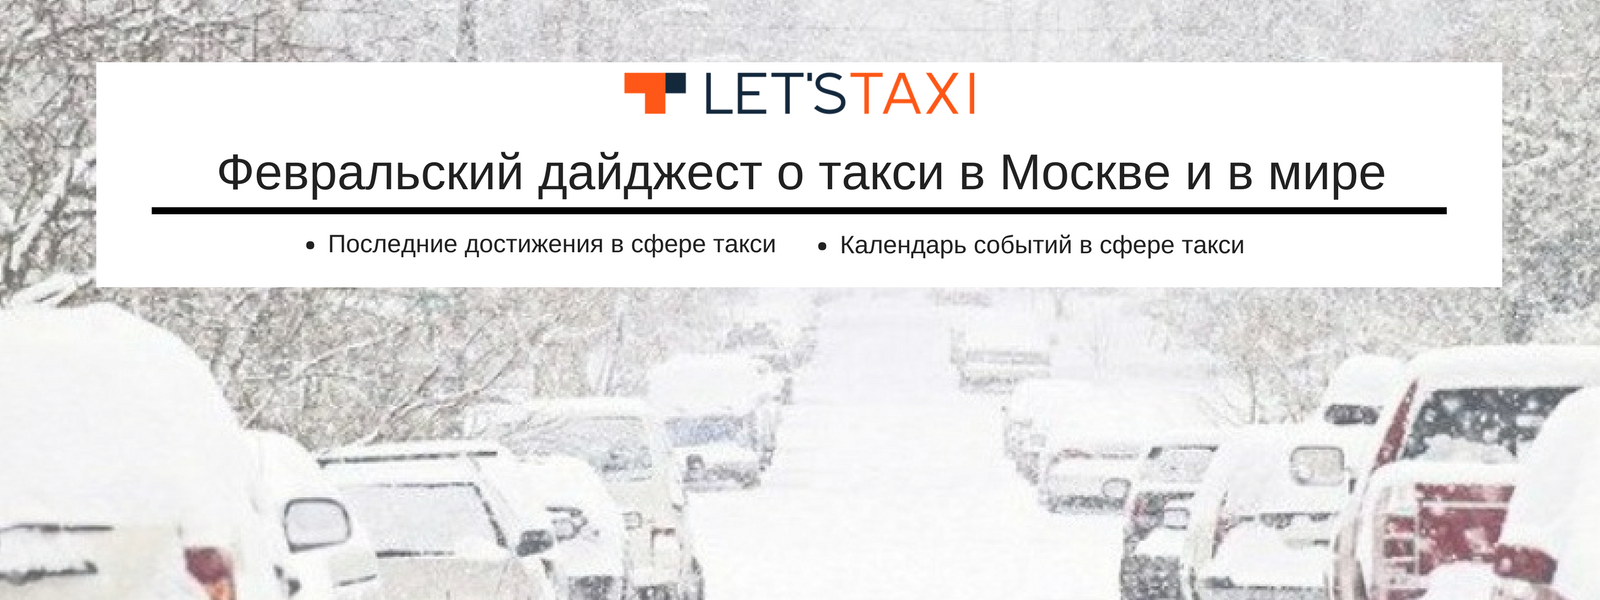 Февральский дайджест Let`s taxi